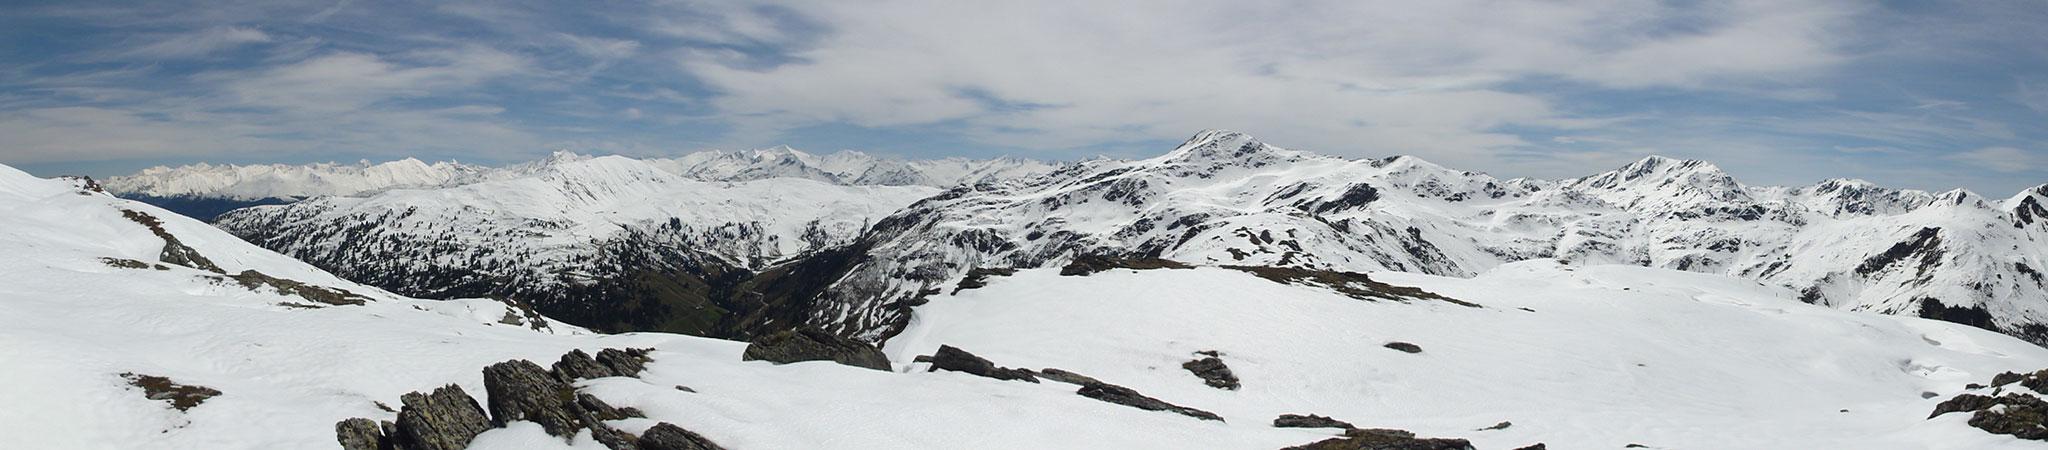 Arnoweg: Richtung Herrensteigscharte forderte der tiefe Schnee viel Kraft.